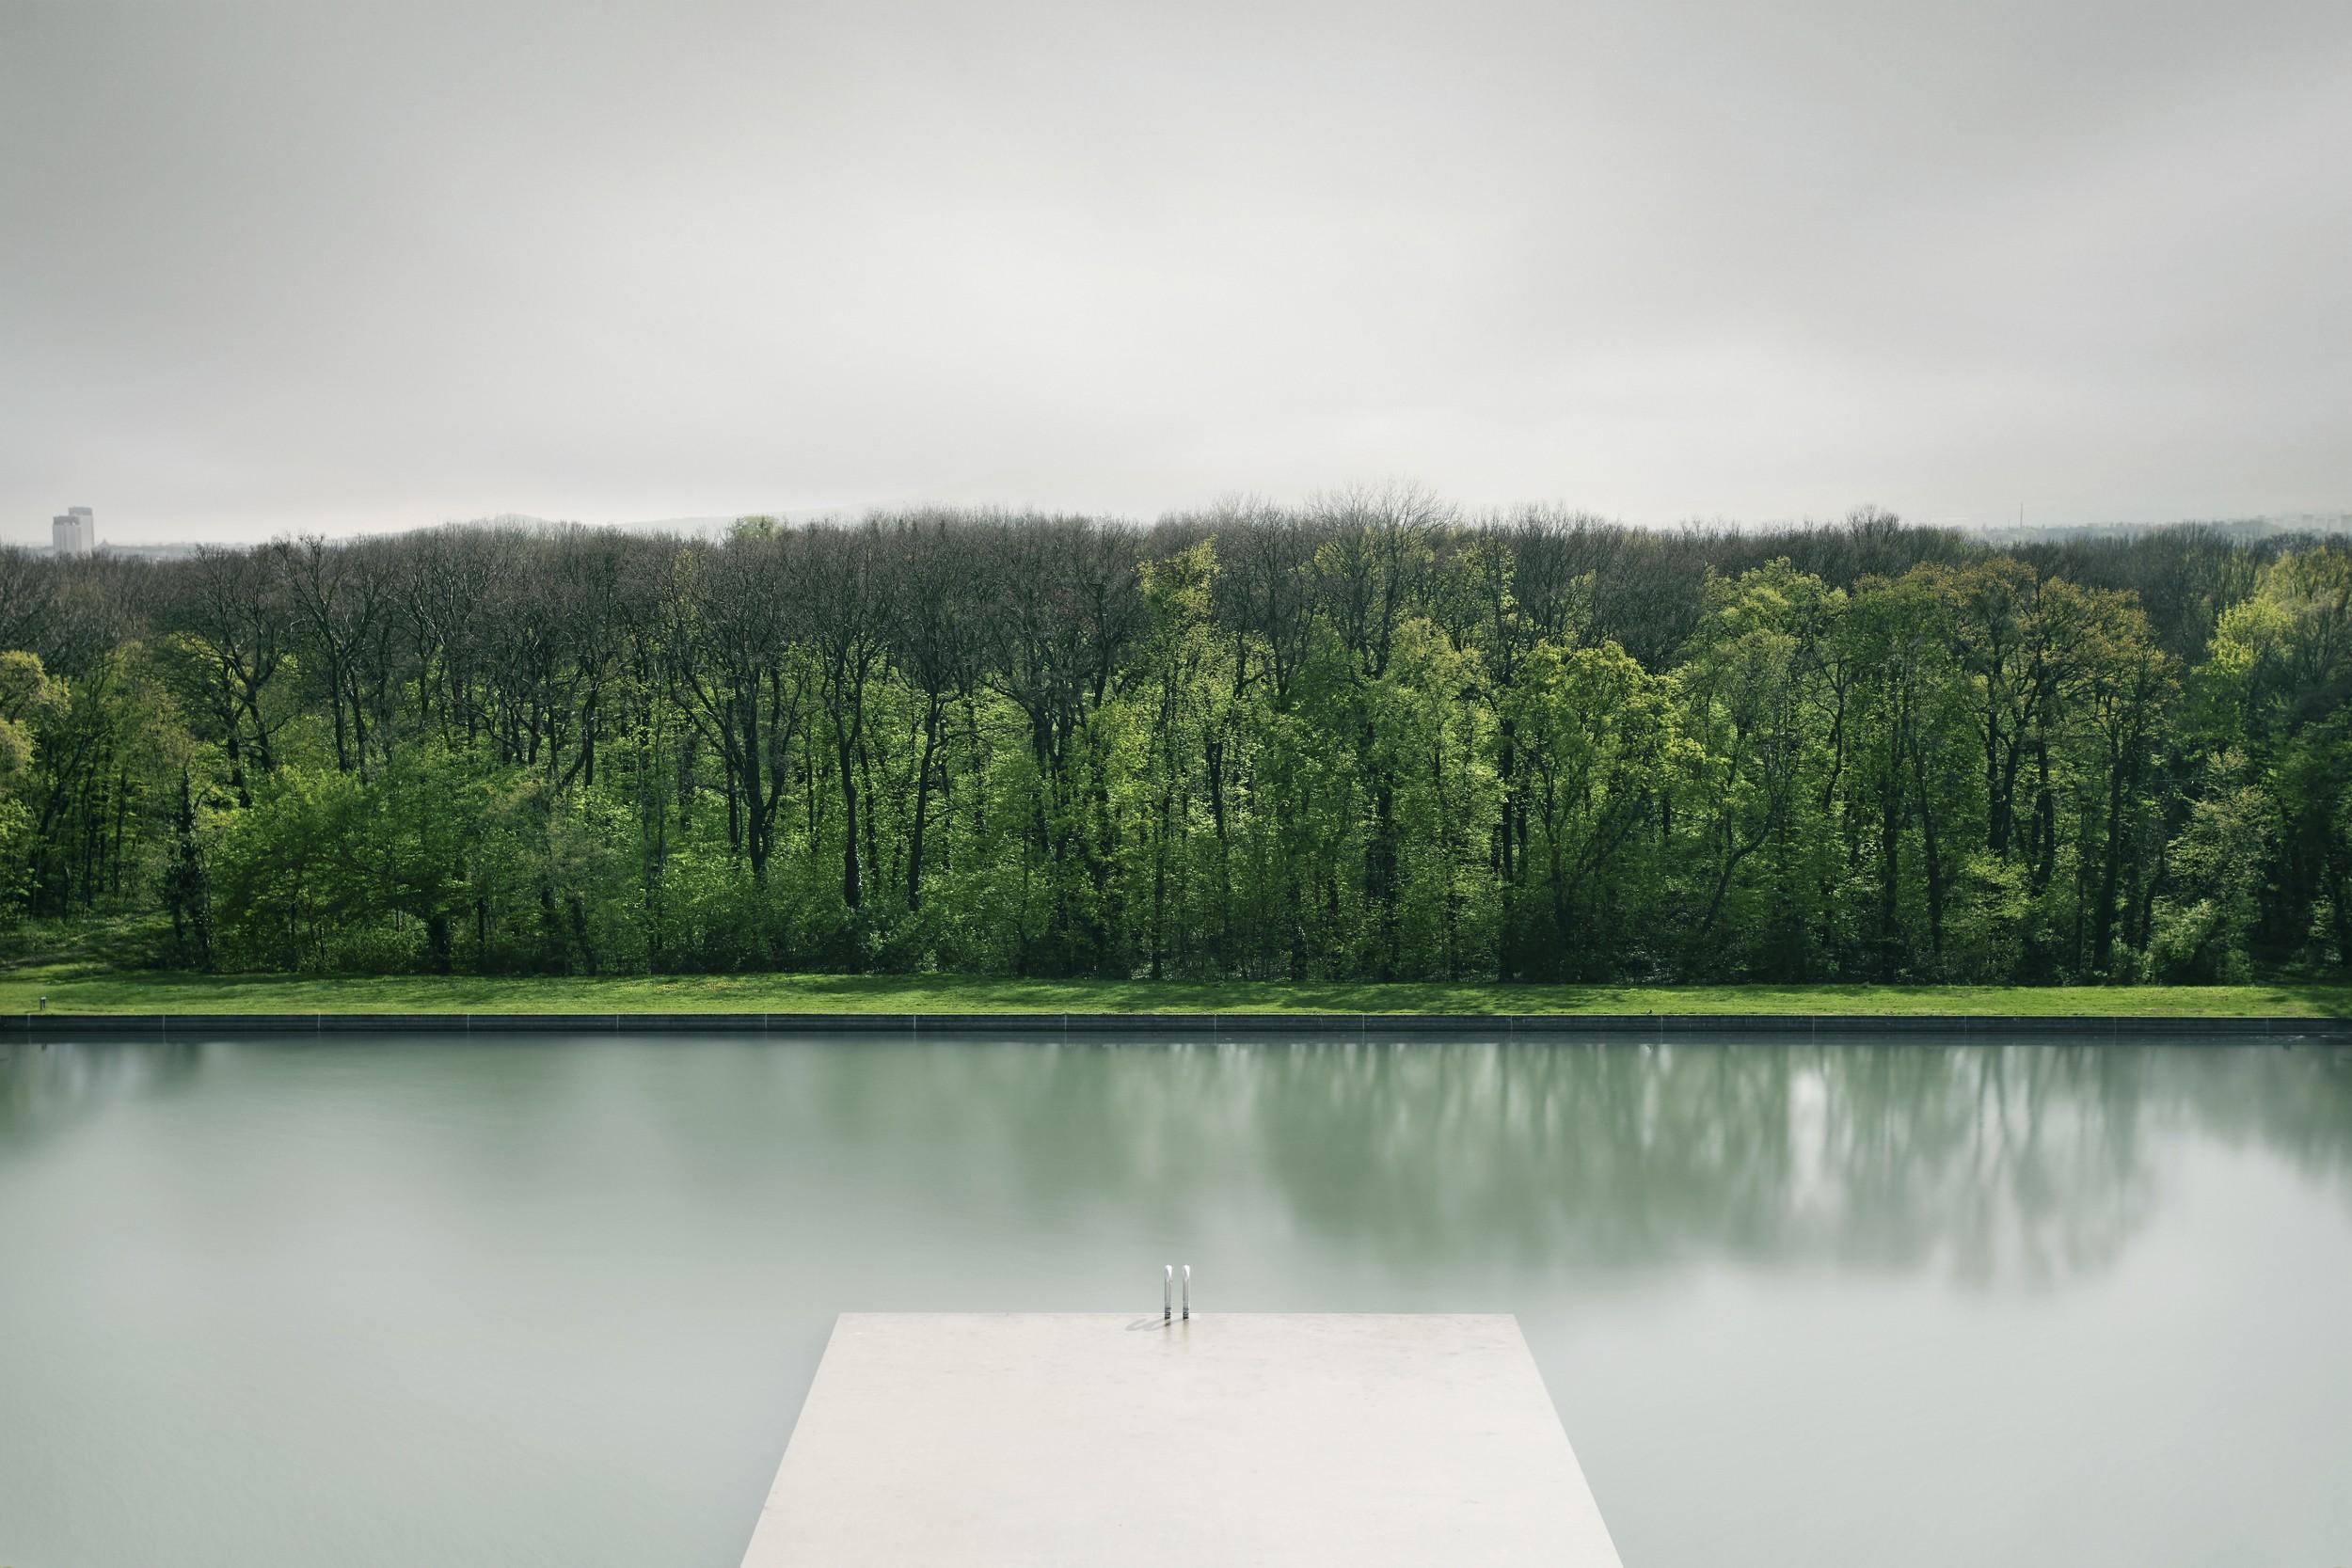 Lake Mountain Reflection Minimalism Wallpapers Hd: Wallpaper : Landscape, Forest, Lake, Nature, Minimalism